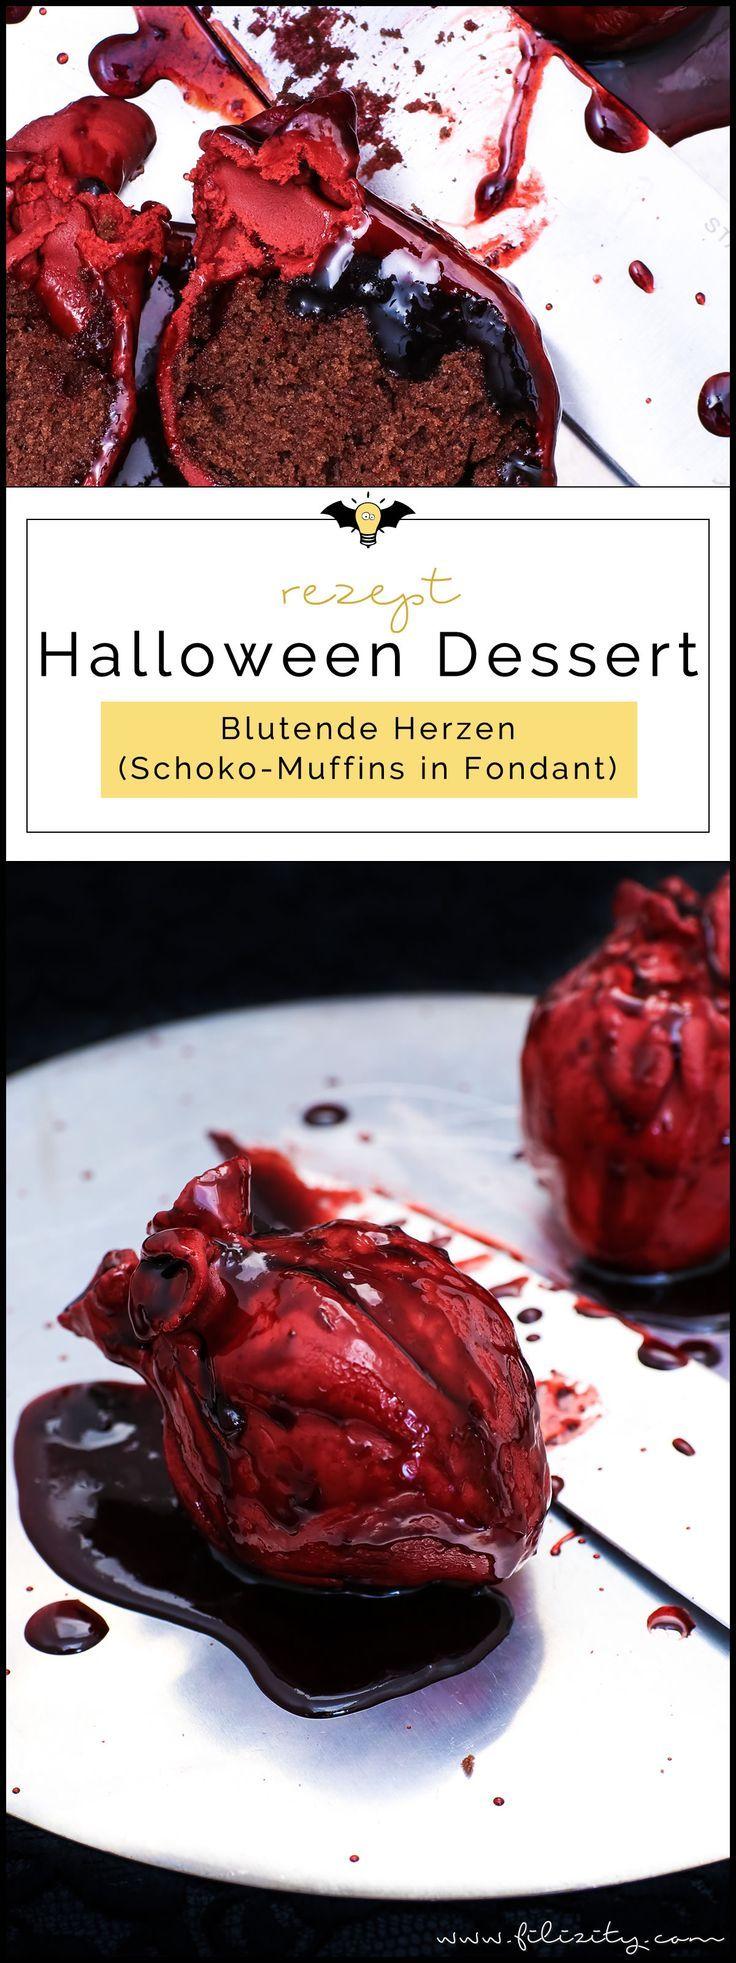 Halloween Nachtisch: Blutende Herzen | Filizity.com | Food-Blog aus dem Rheinland #halloweendesserts